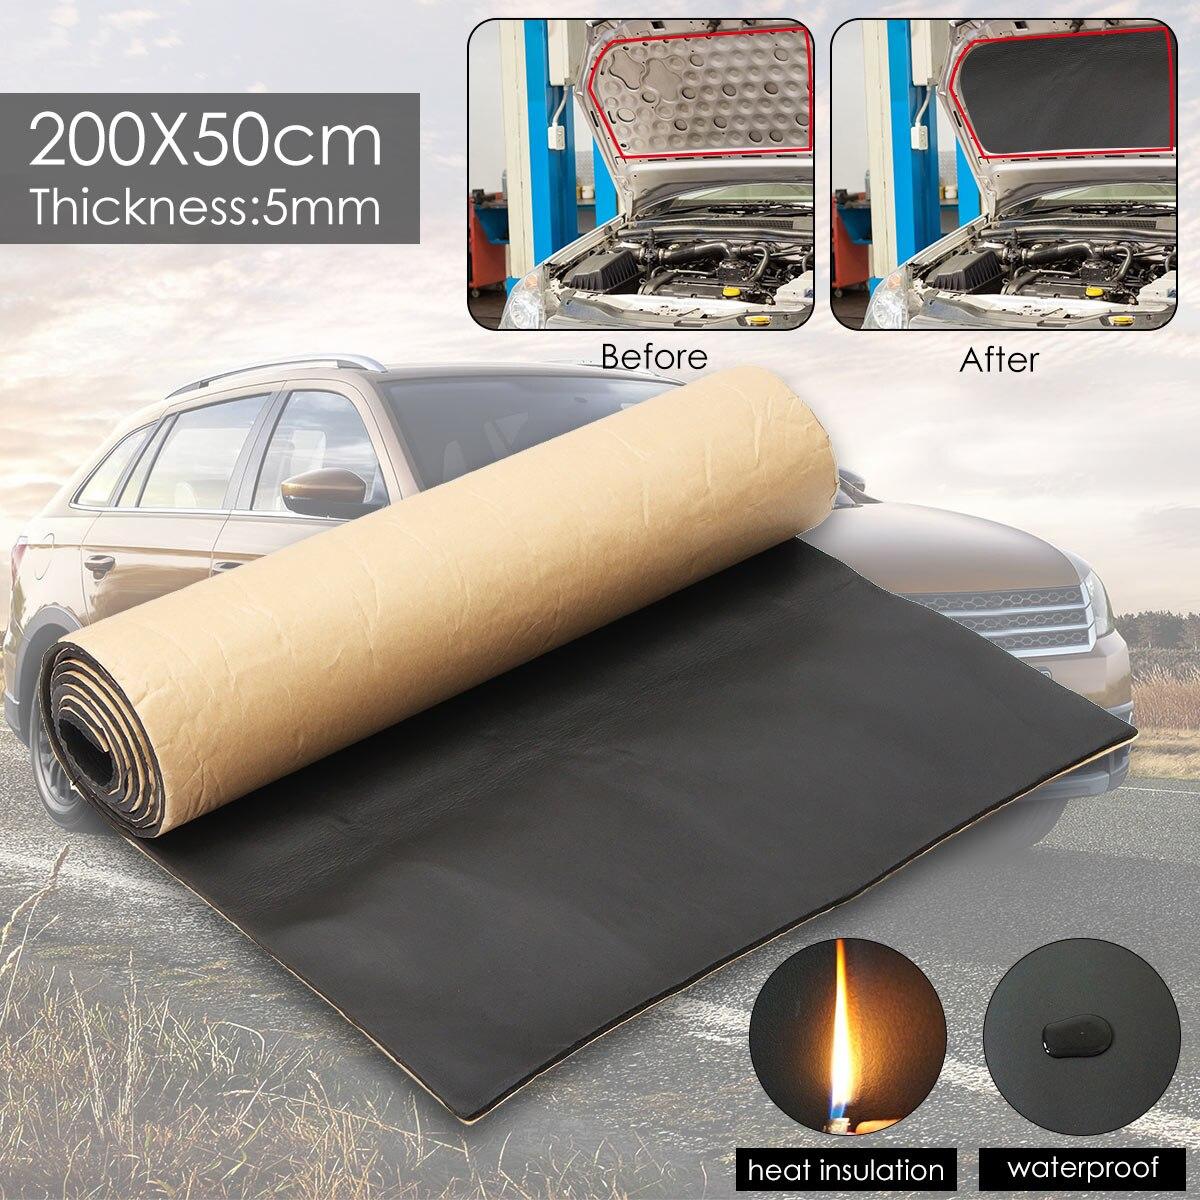 1 рулон, 200 см х 50 см, 5 мм, звукоизоляция автомобиля, омертвевающий грузовик, анти-шум, звукоизоляция, хлопок, тепло, закрытый, ячейка, пена, самоклеющаяся